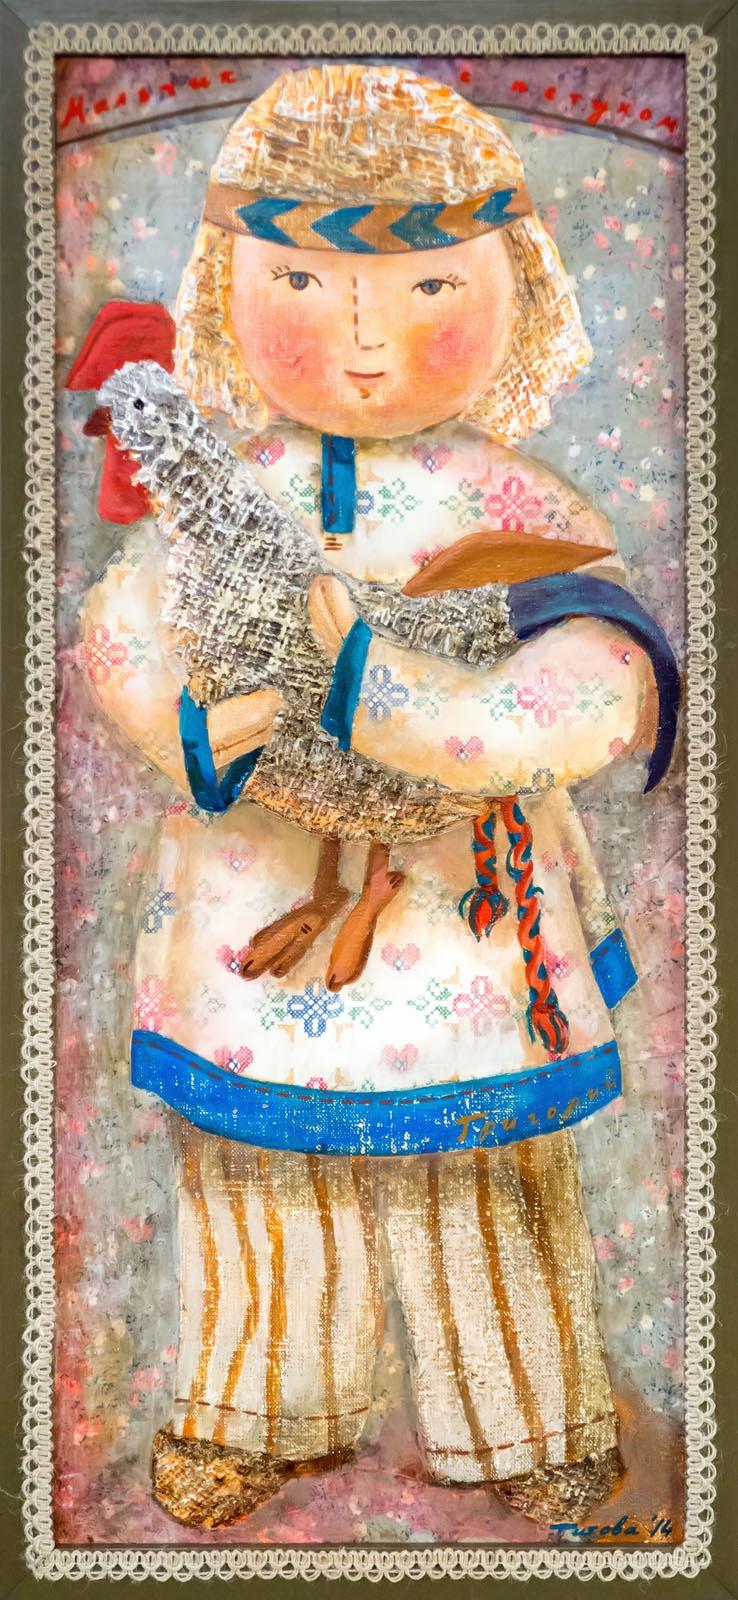 Фото №272754. Мальчик с петухом. Григорий. Автор: Елена Титова